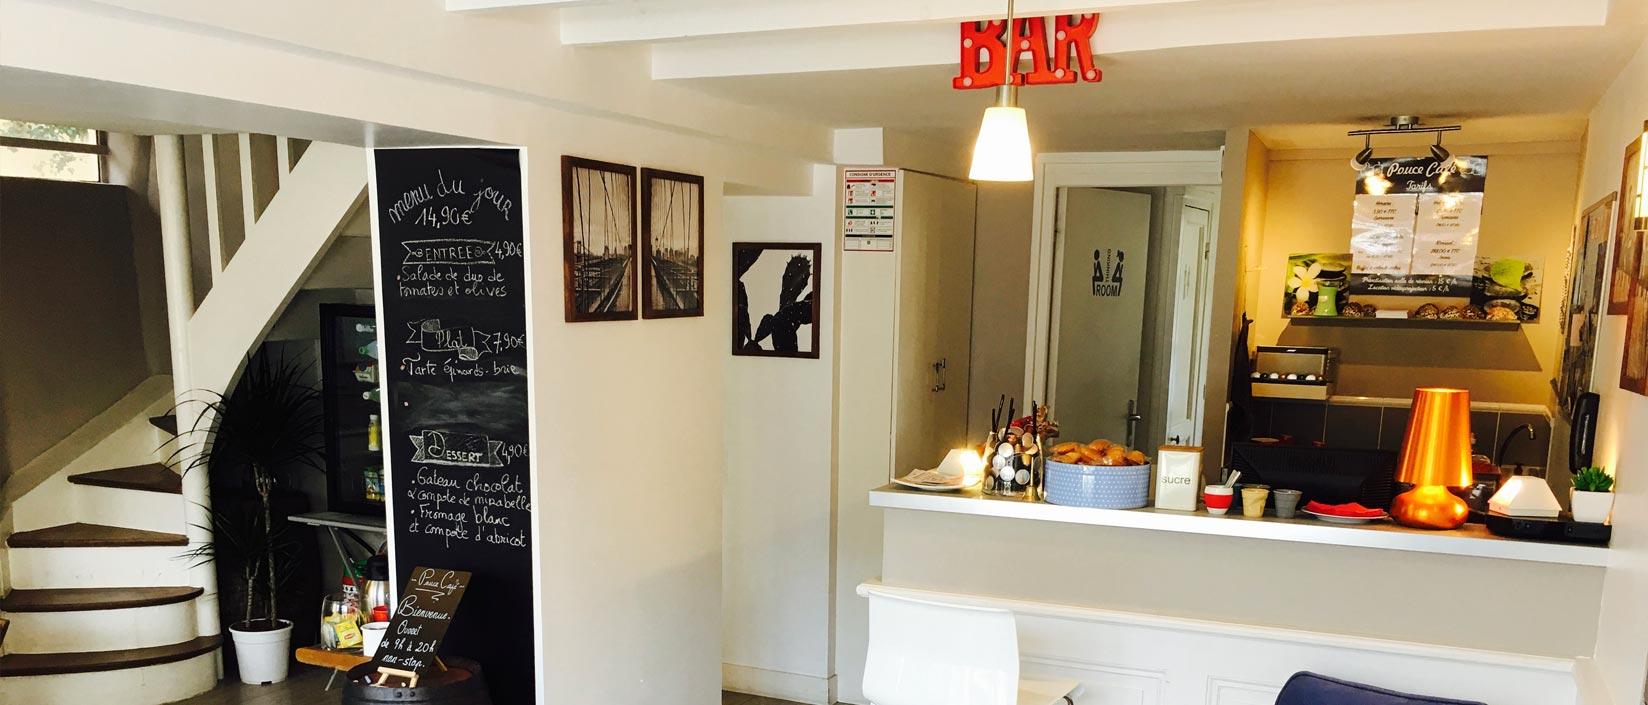 IfStart et l'espace de co-working Pouce Café à Versailles deviennent partenaires